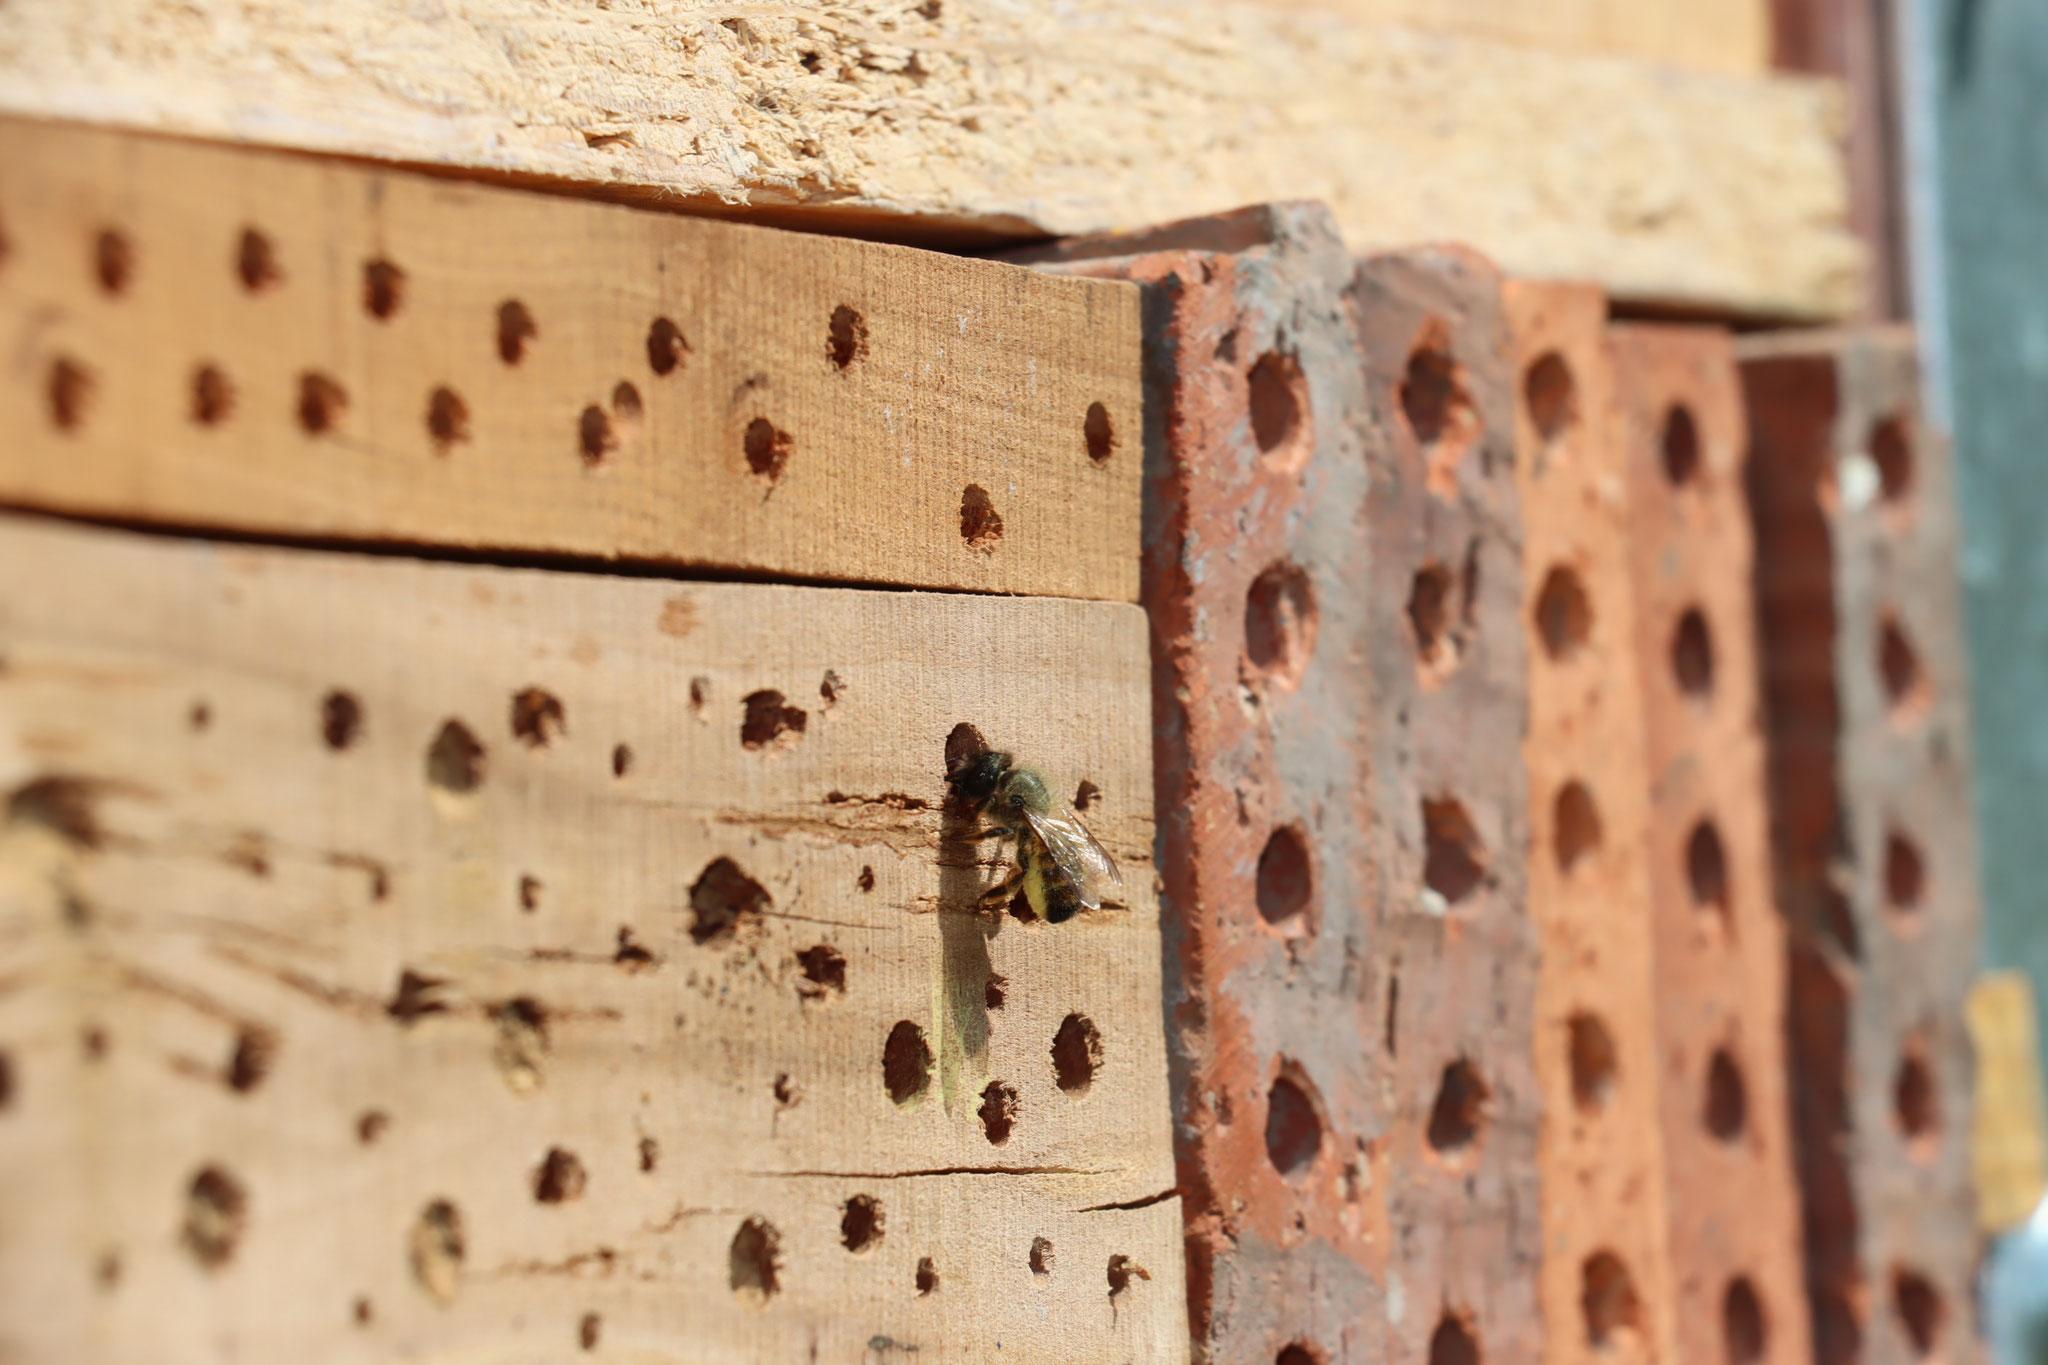 Gewöhnliche Löcherbiene [Heriades truncorum] an der Nisthilfe (Foto: B. Budig)